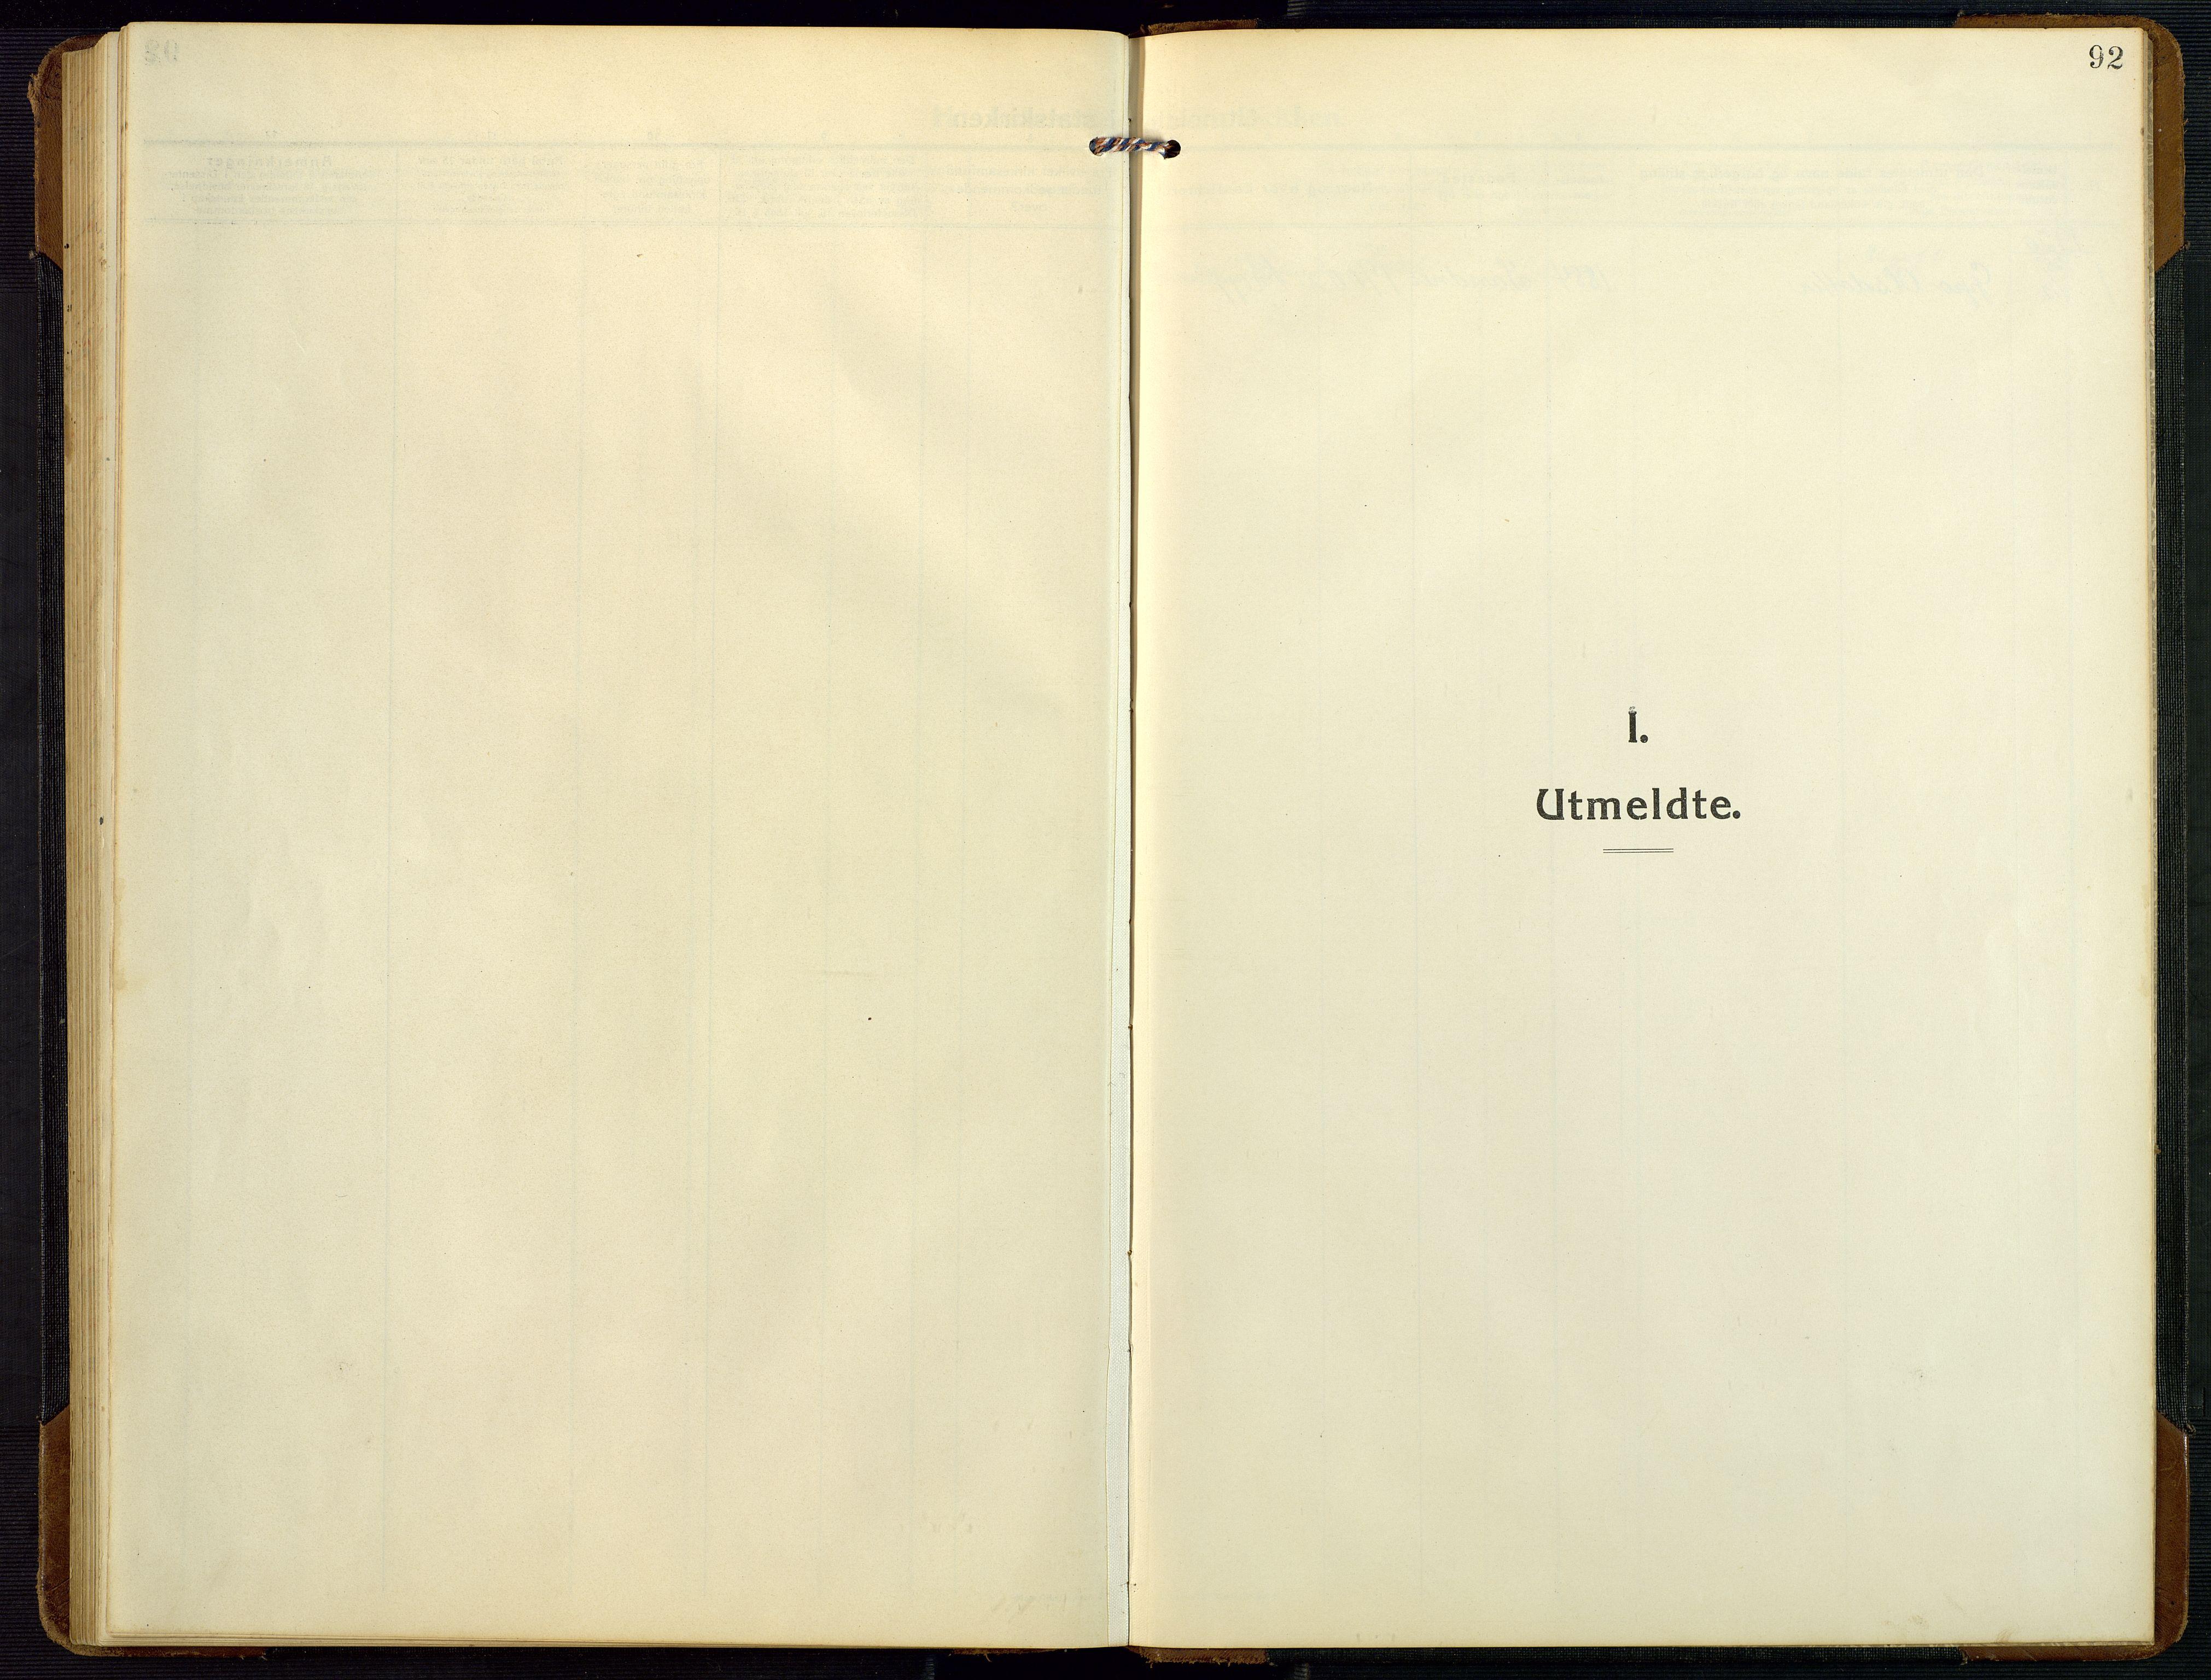 SAK, Bygland sokneprestkontor, F/Fb/Fbc/L0003: Klokkerbok nr. B 3, 1916-1975, s. 92